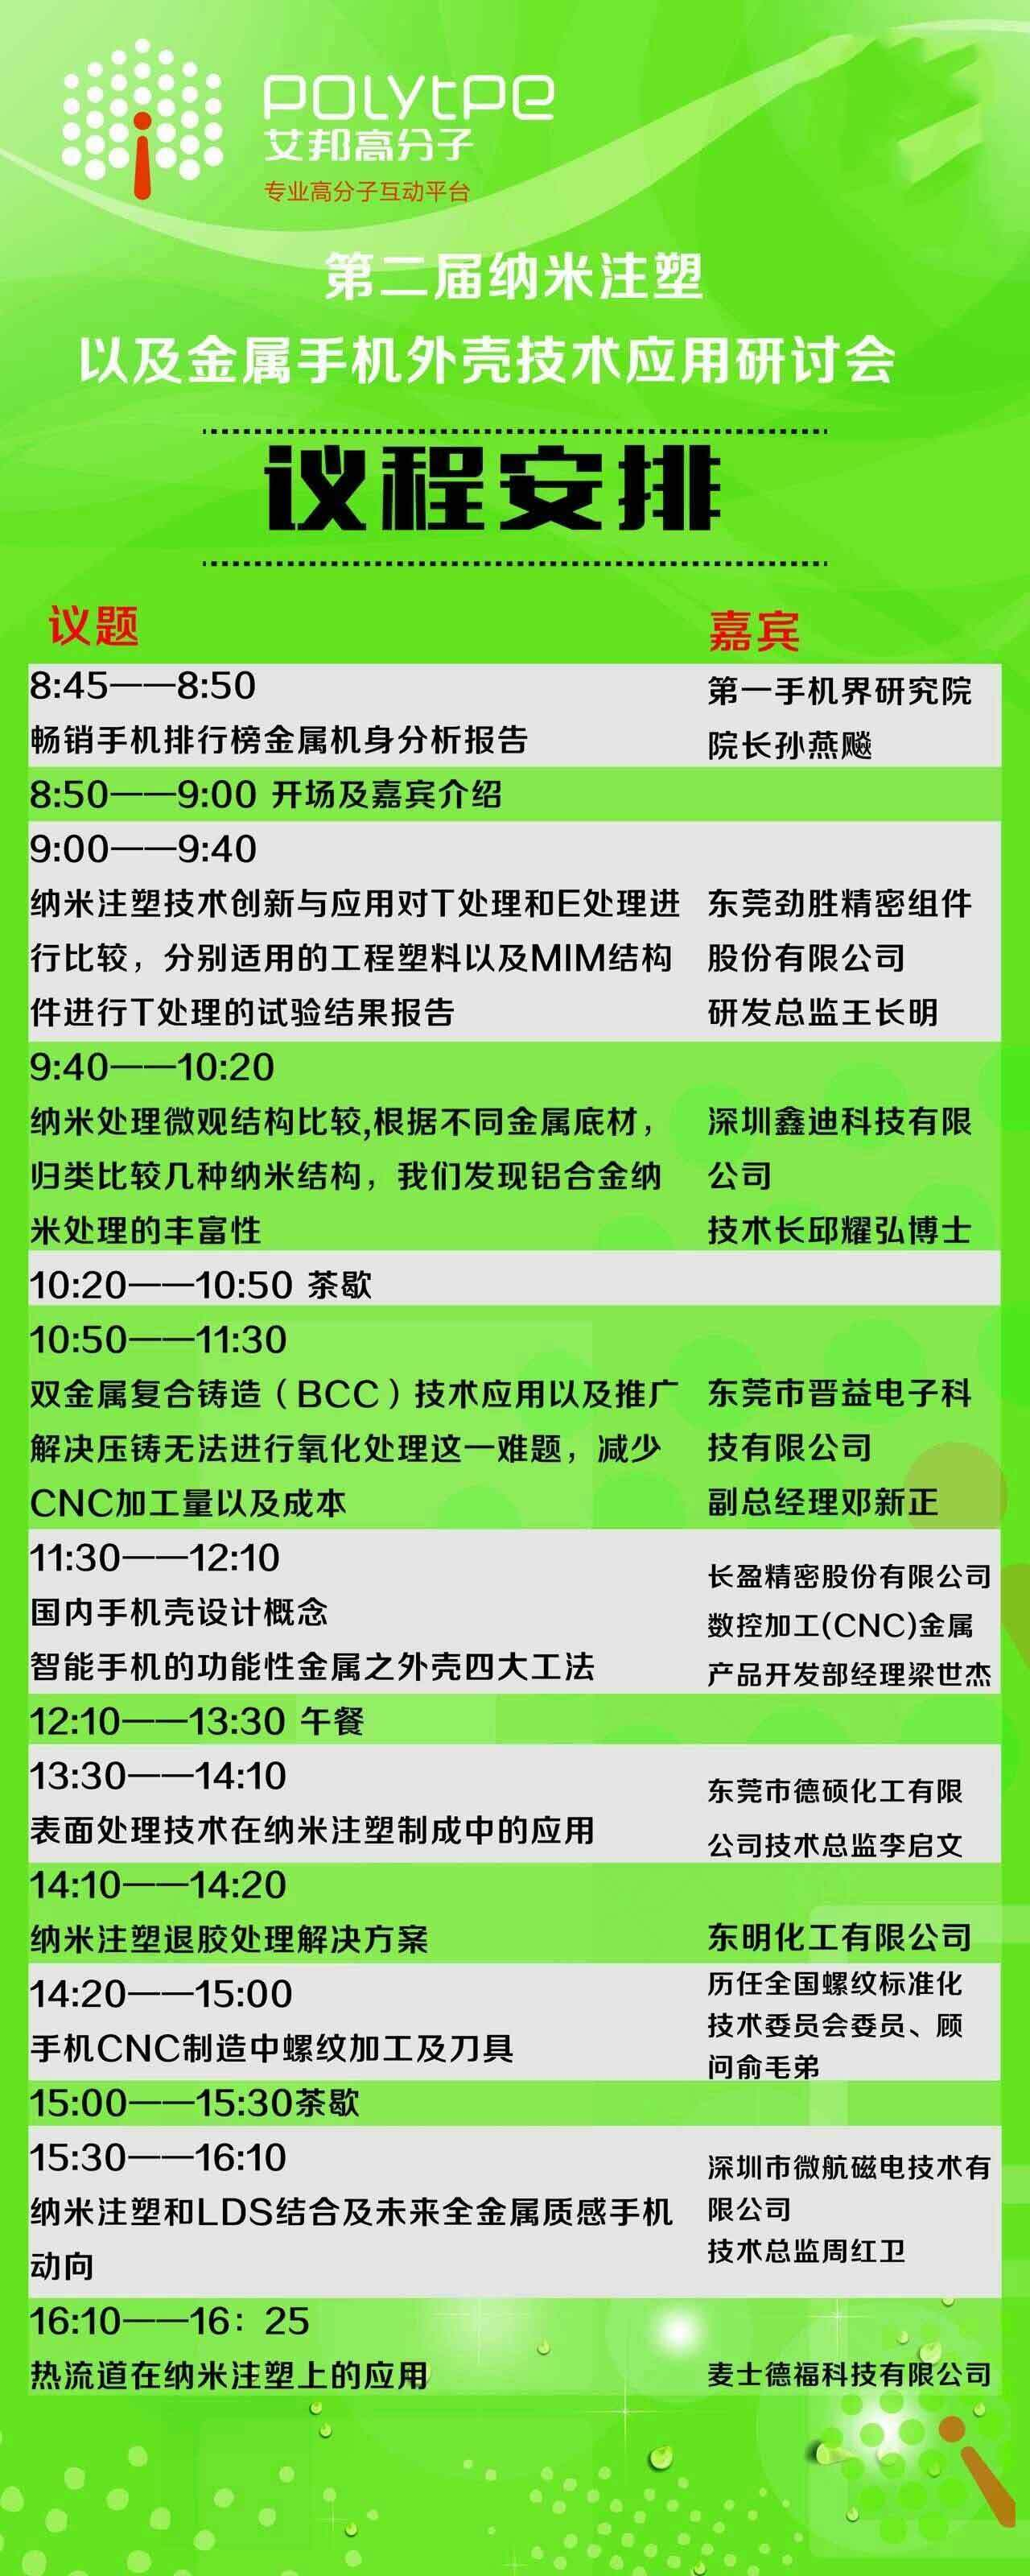 第二届纳米注塑以及相关制程技术应用研讨会